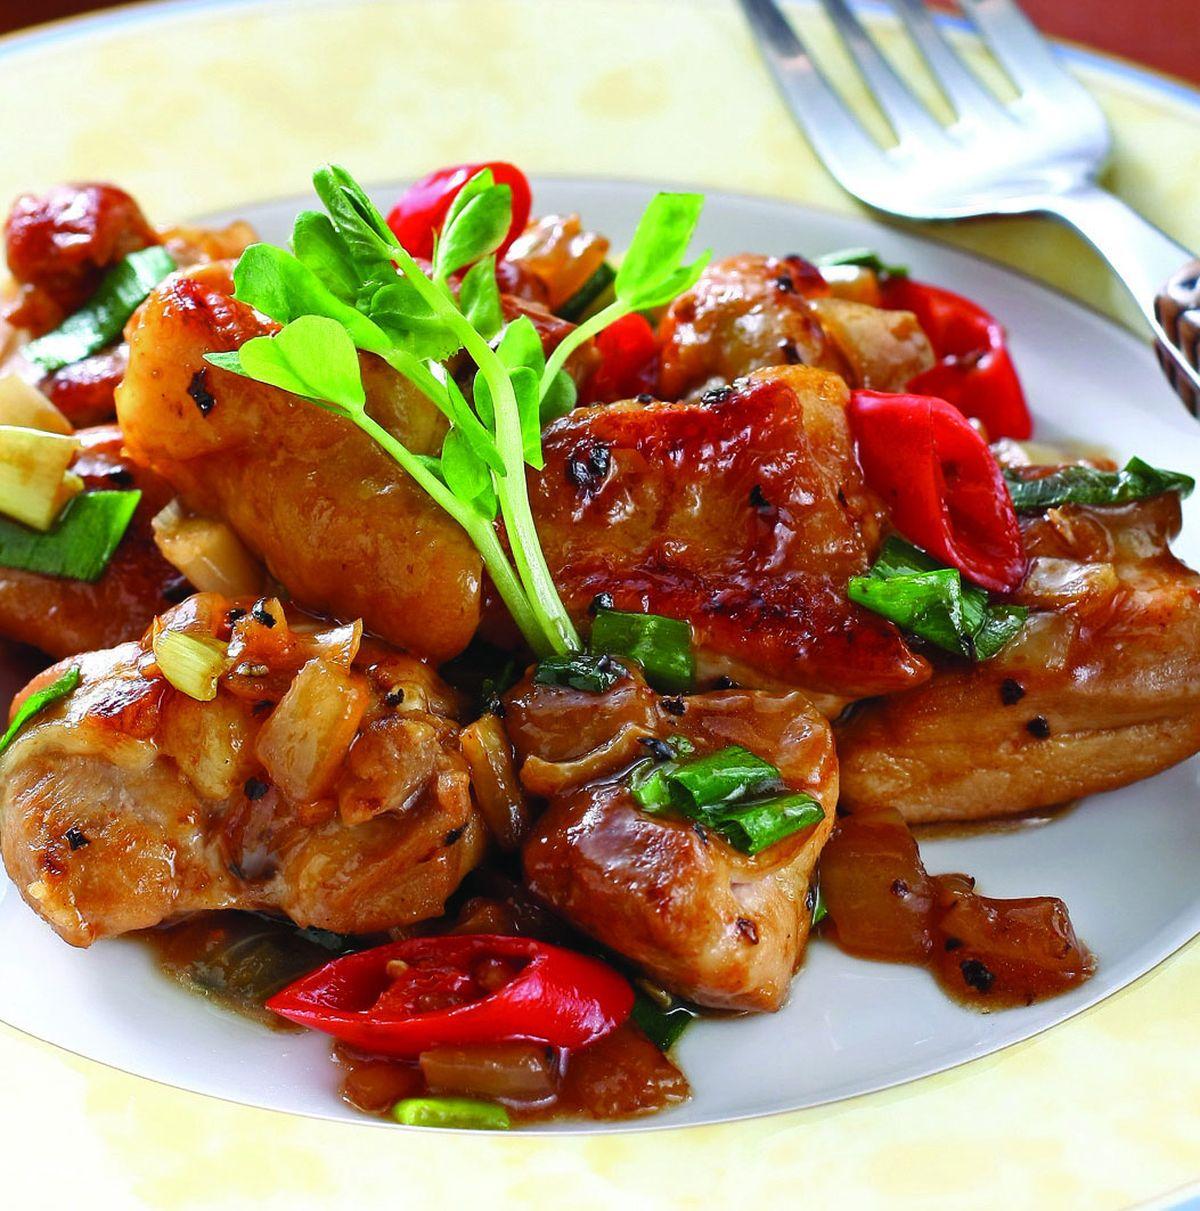 食譜:蔥燒雞腿肉